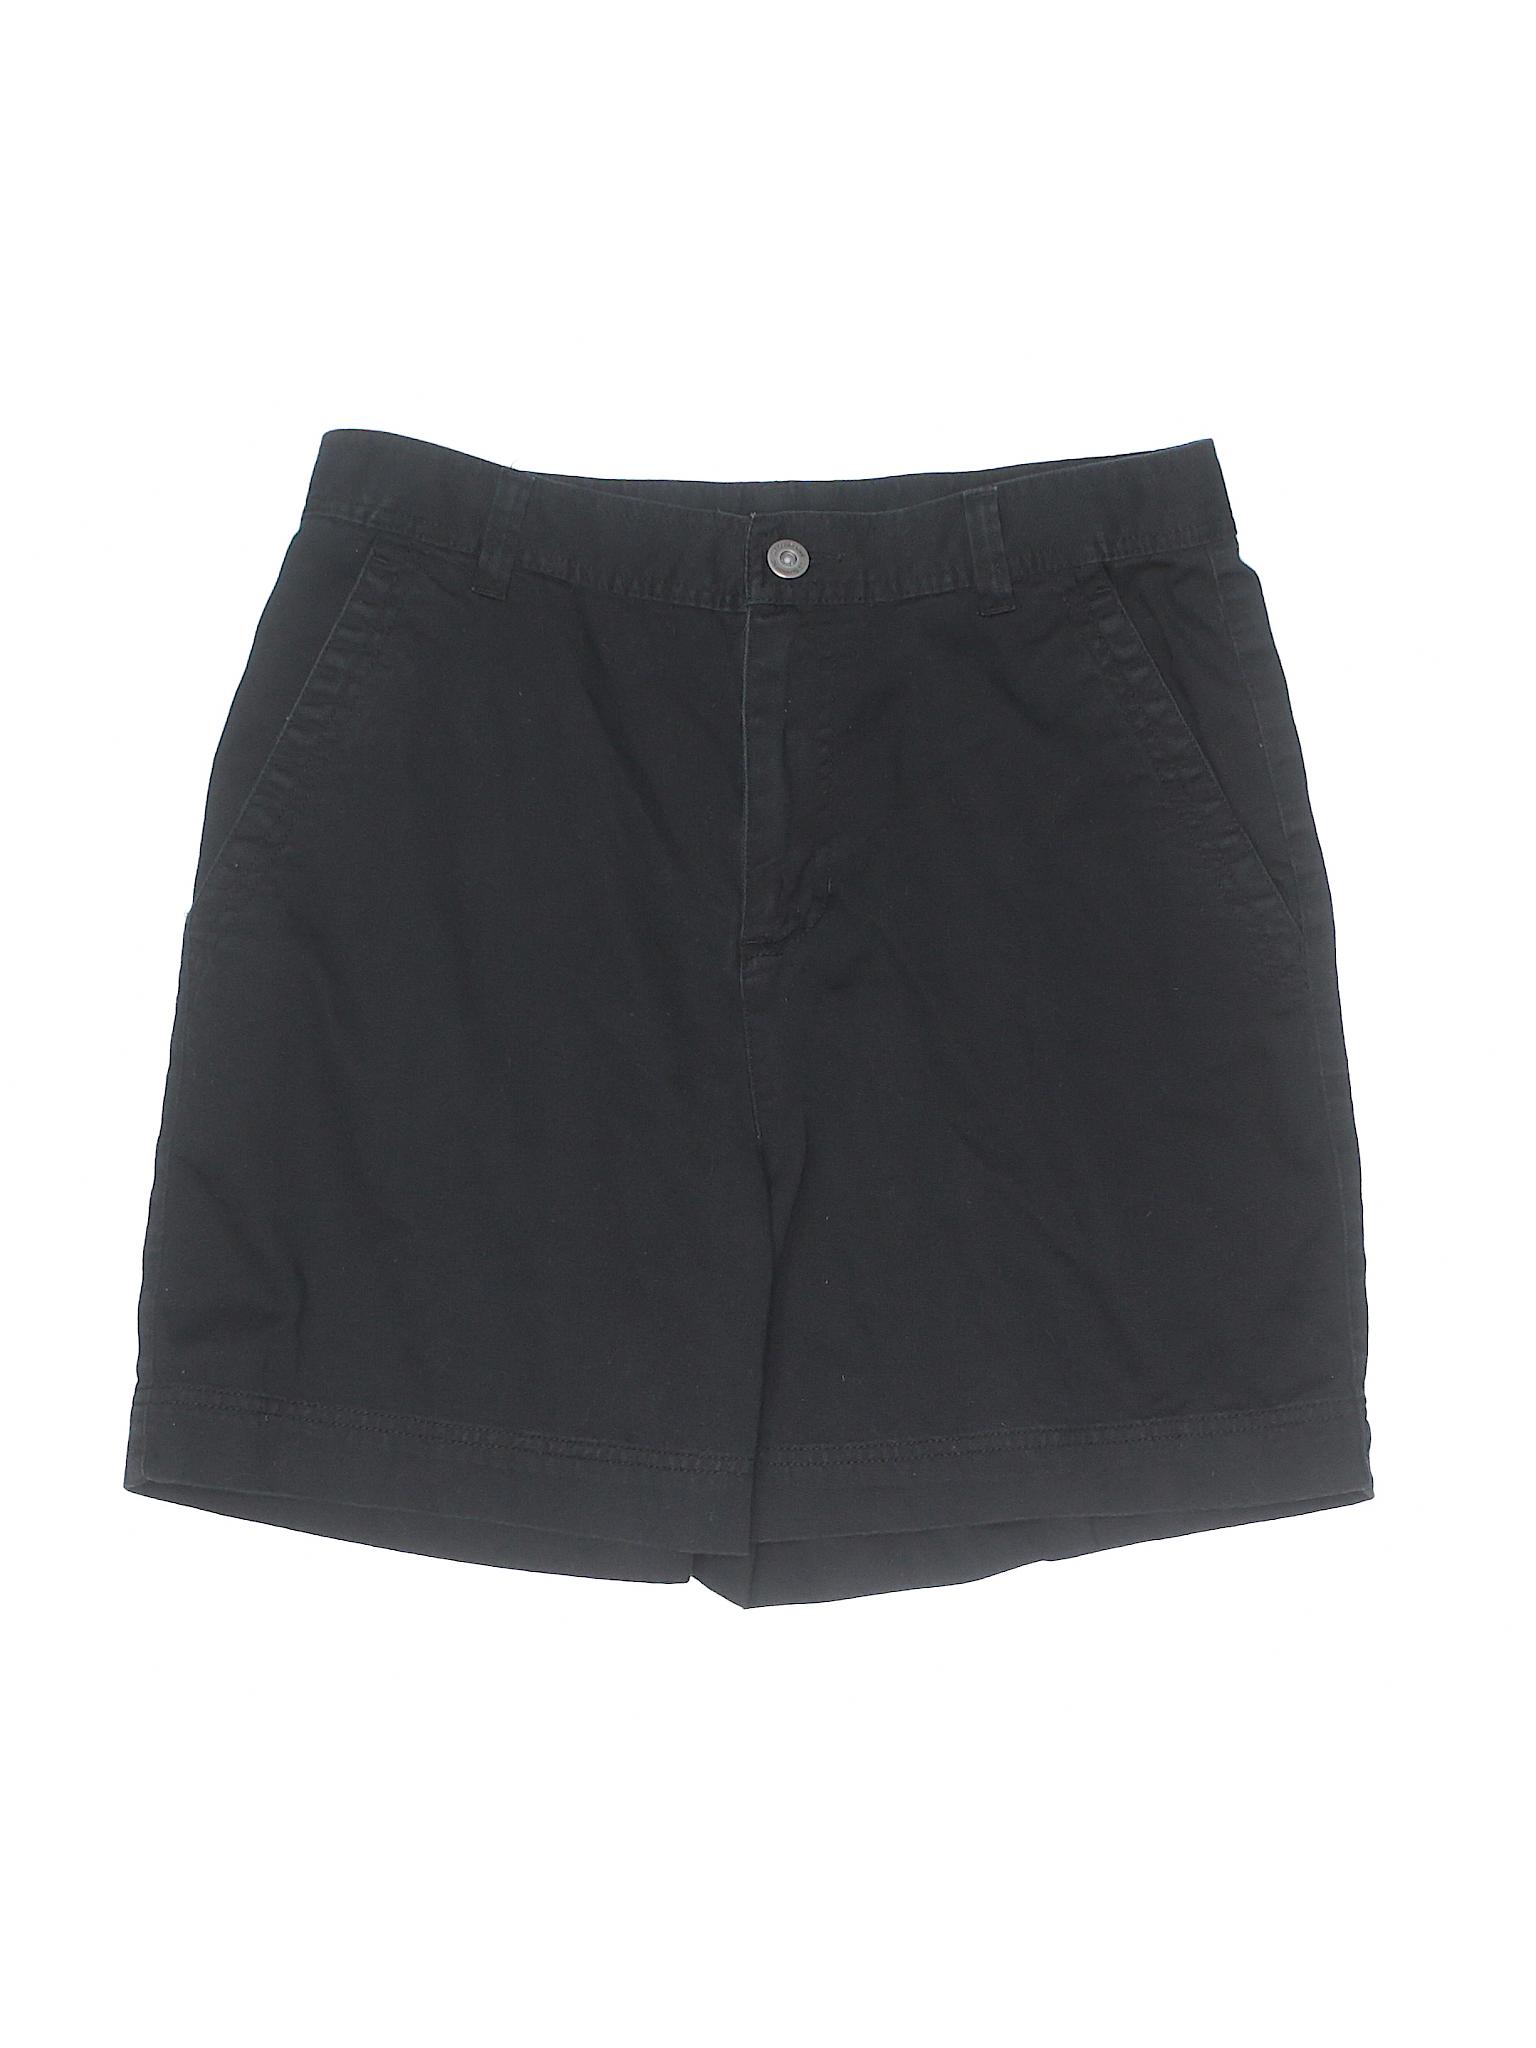 Shorts Khaki Liz Claiborne Boutique Boutique Liz qxB800